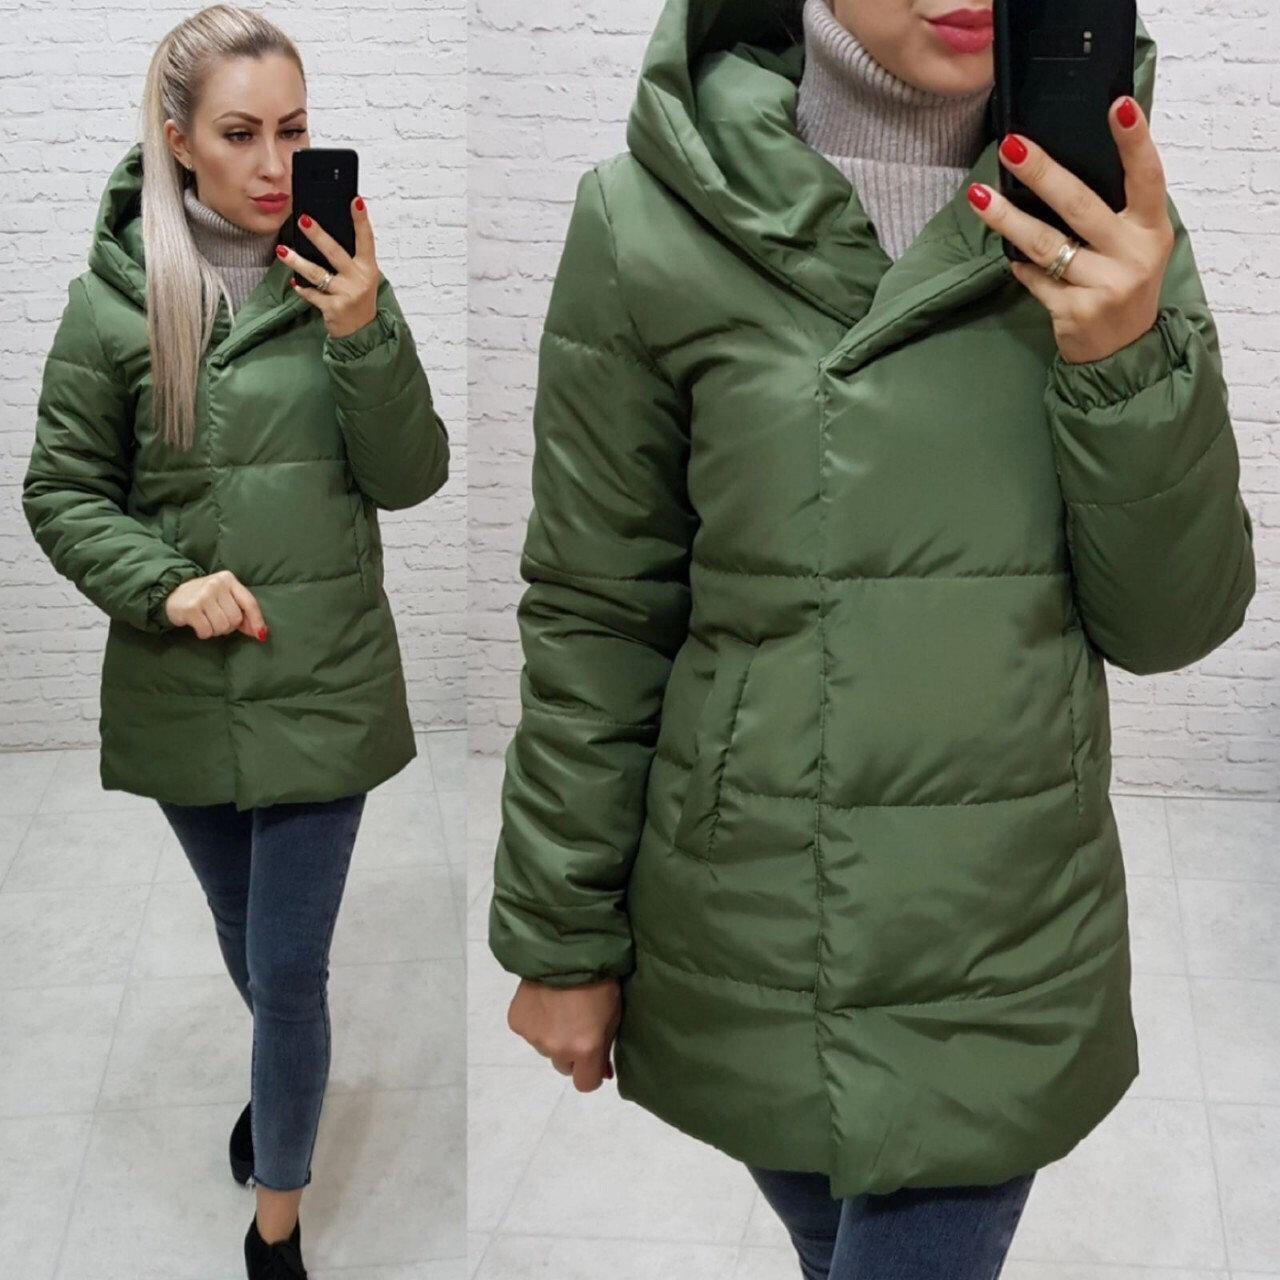 Куртка ковдру Oversize укорочена, артикул 1005, зеленого кольору / колір хакі